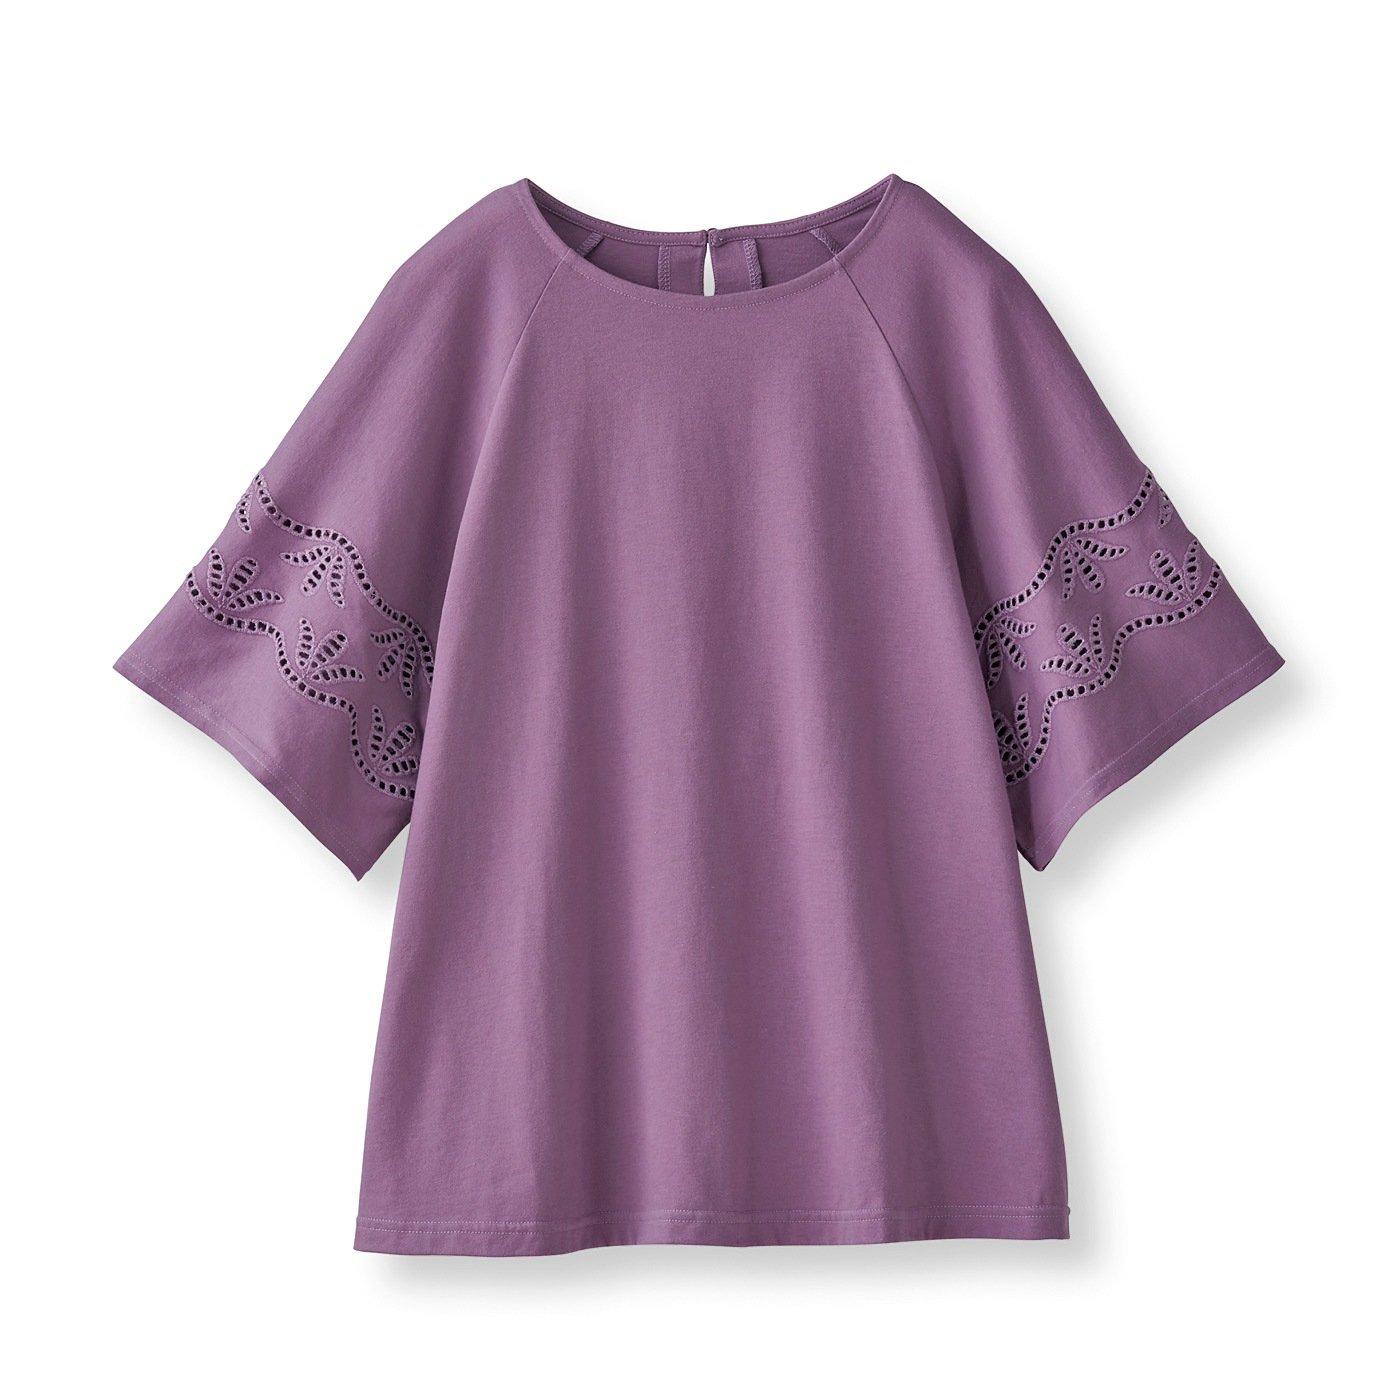 フラウグラット ひらりんカットワークレースのきれい見えTシャツ〈吸水速乾〉〈ライラック〉